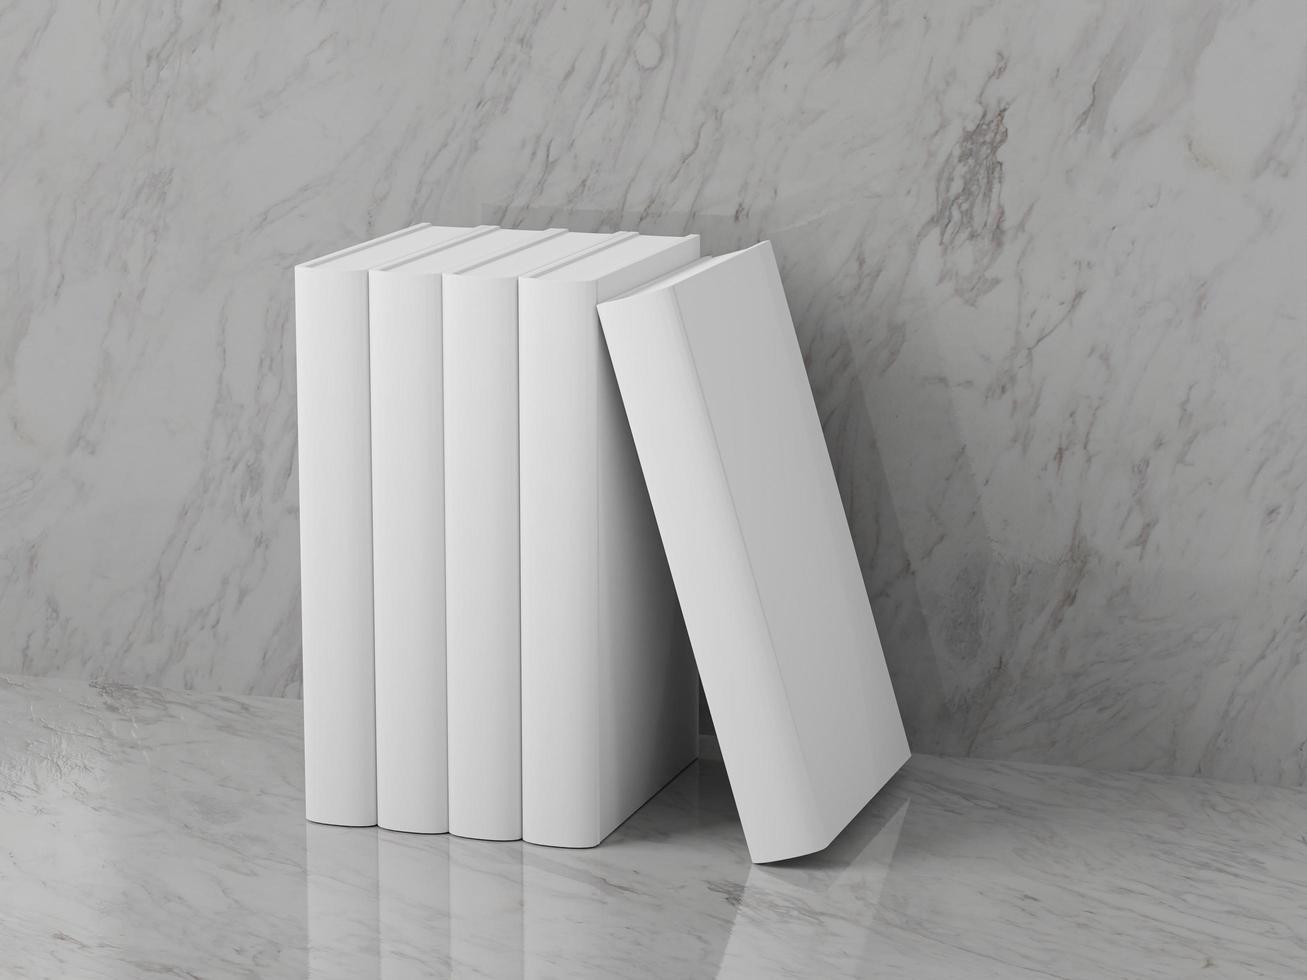 modelo de livros em branco foto